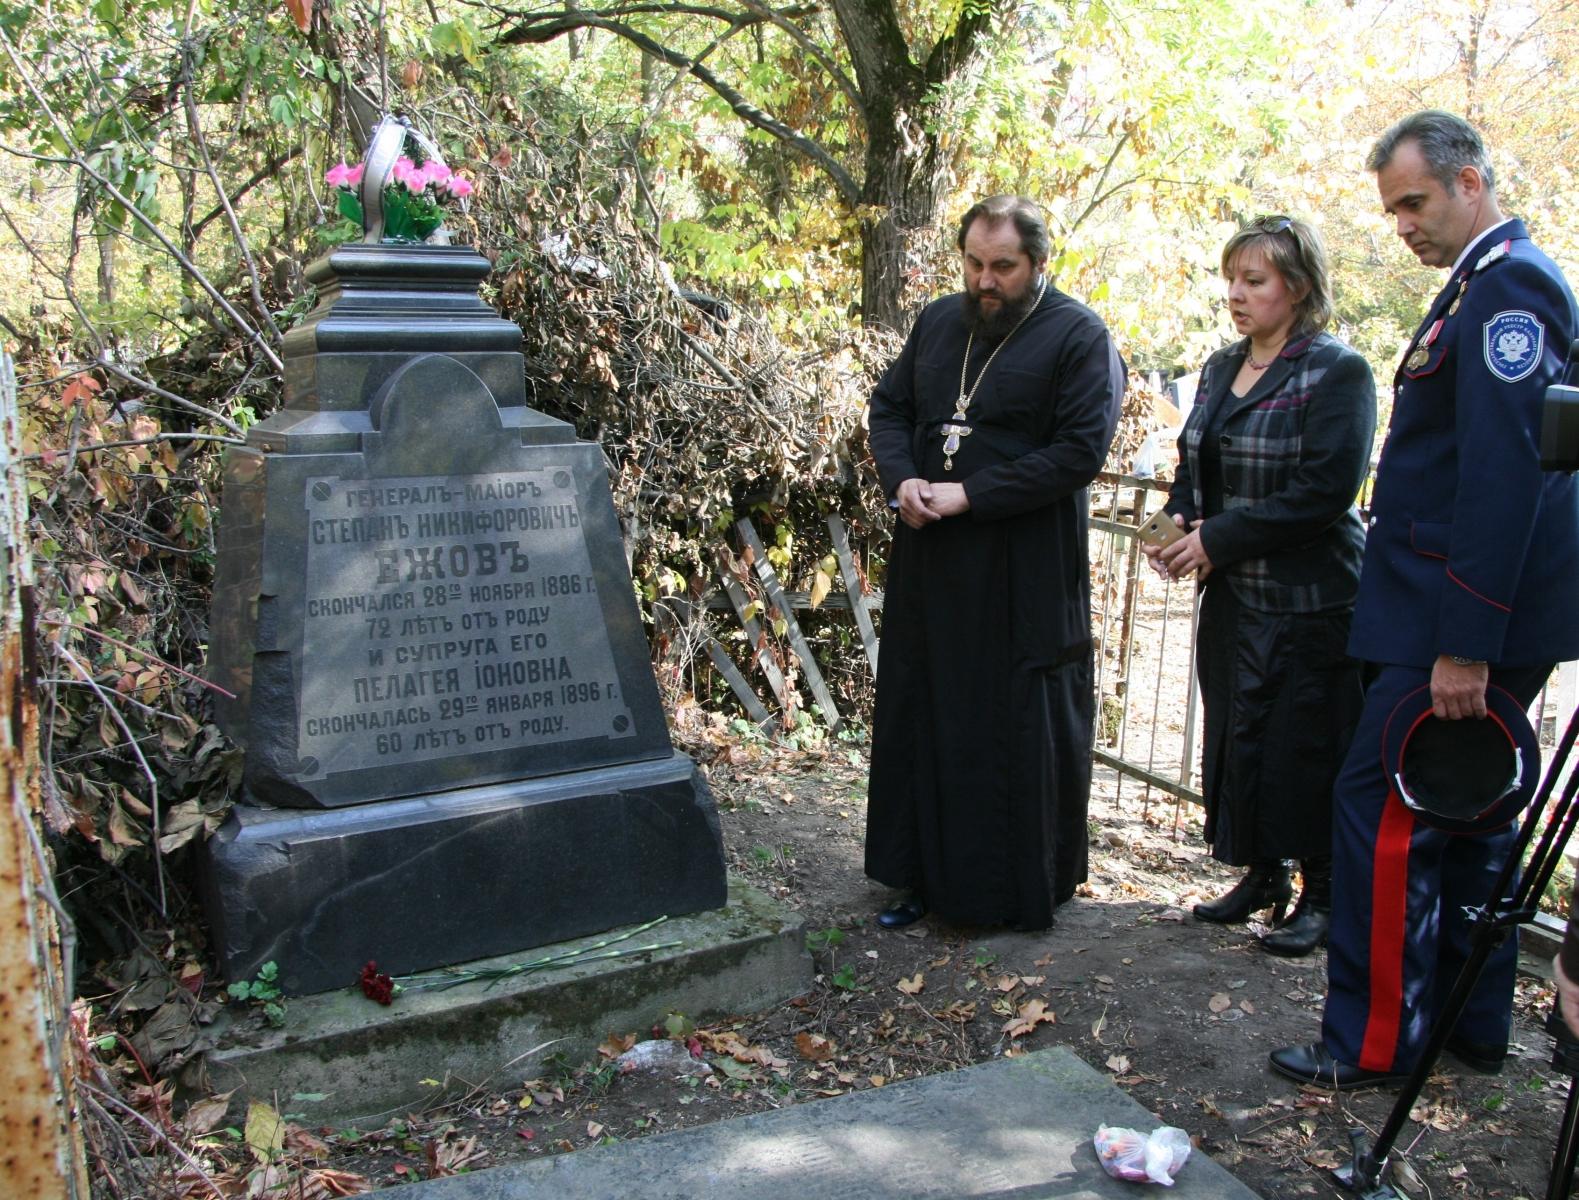 Войсковой священник Всевеликого войска Донского принял участие в экспедиции по захоронениям казаков лейб-гвардии его величества казачьего полка